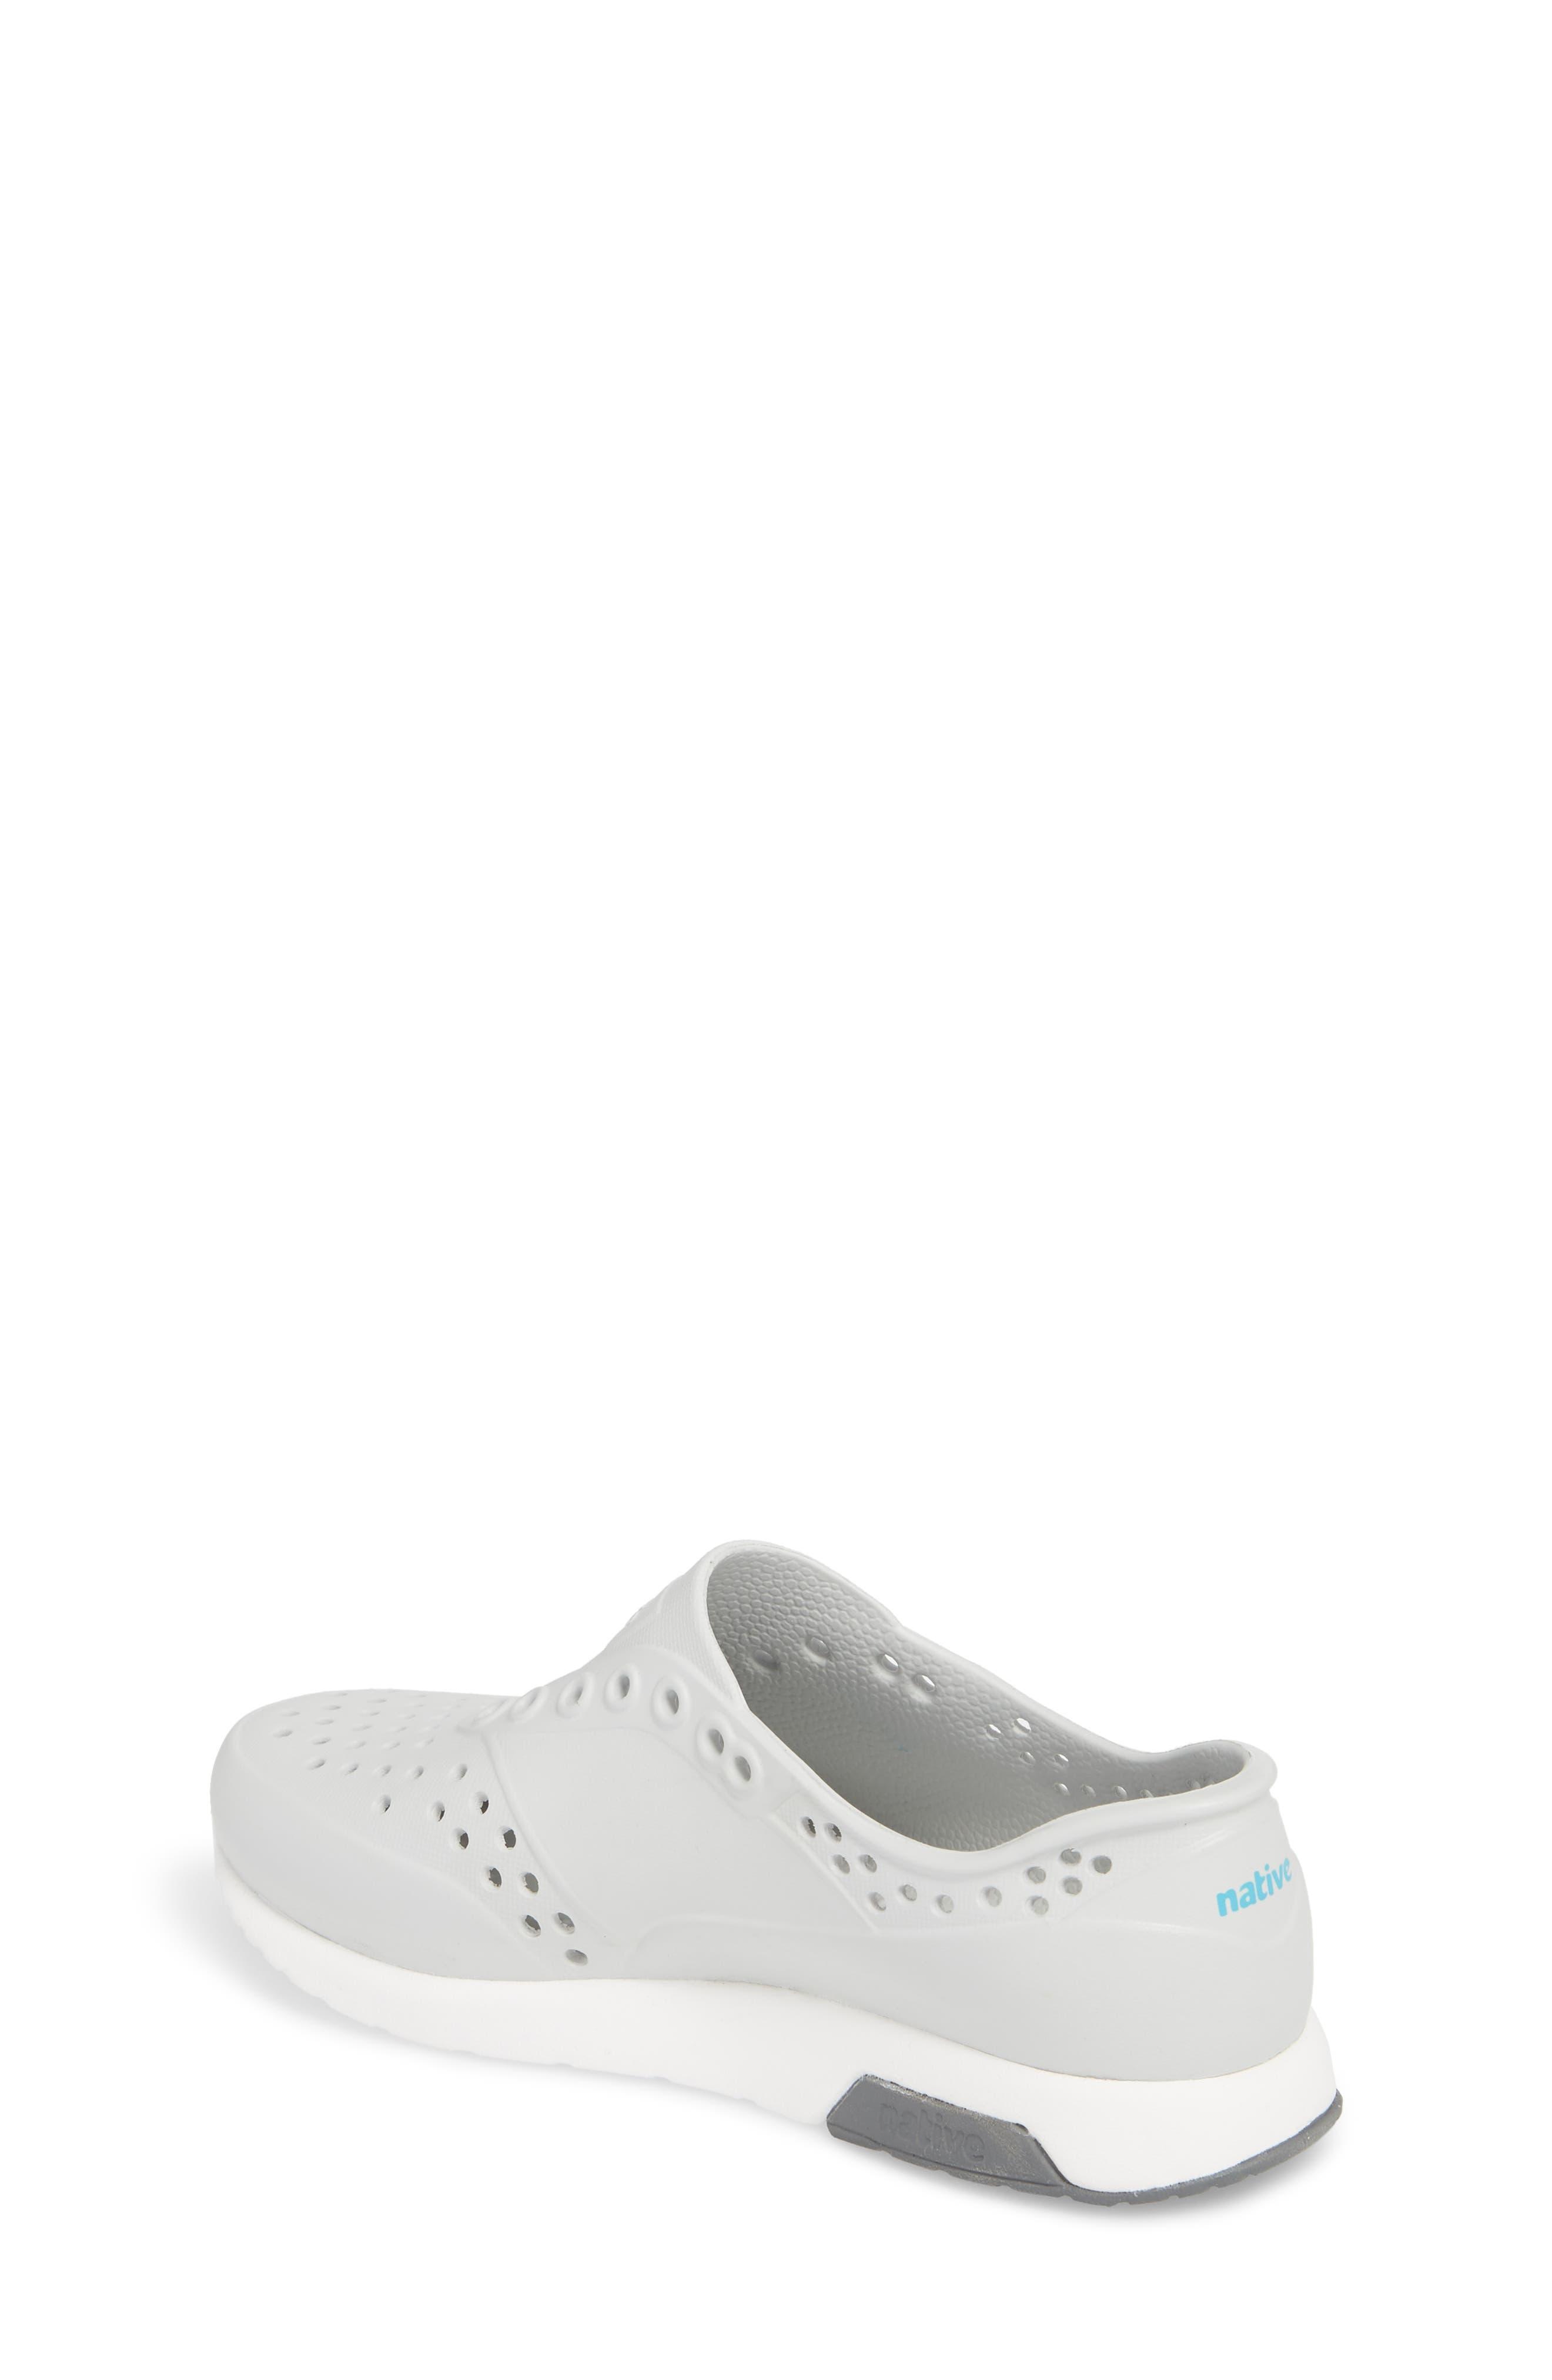 Lennox Slip-On Sneaker,                             Alternate thumbnail 2, color,                             022